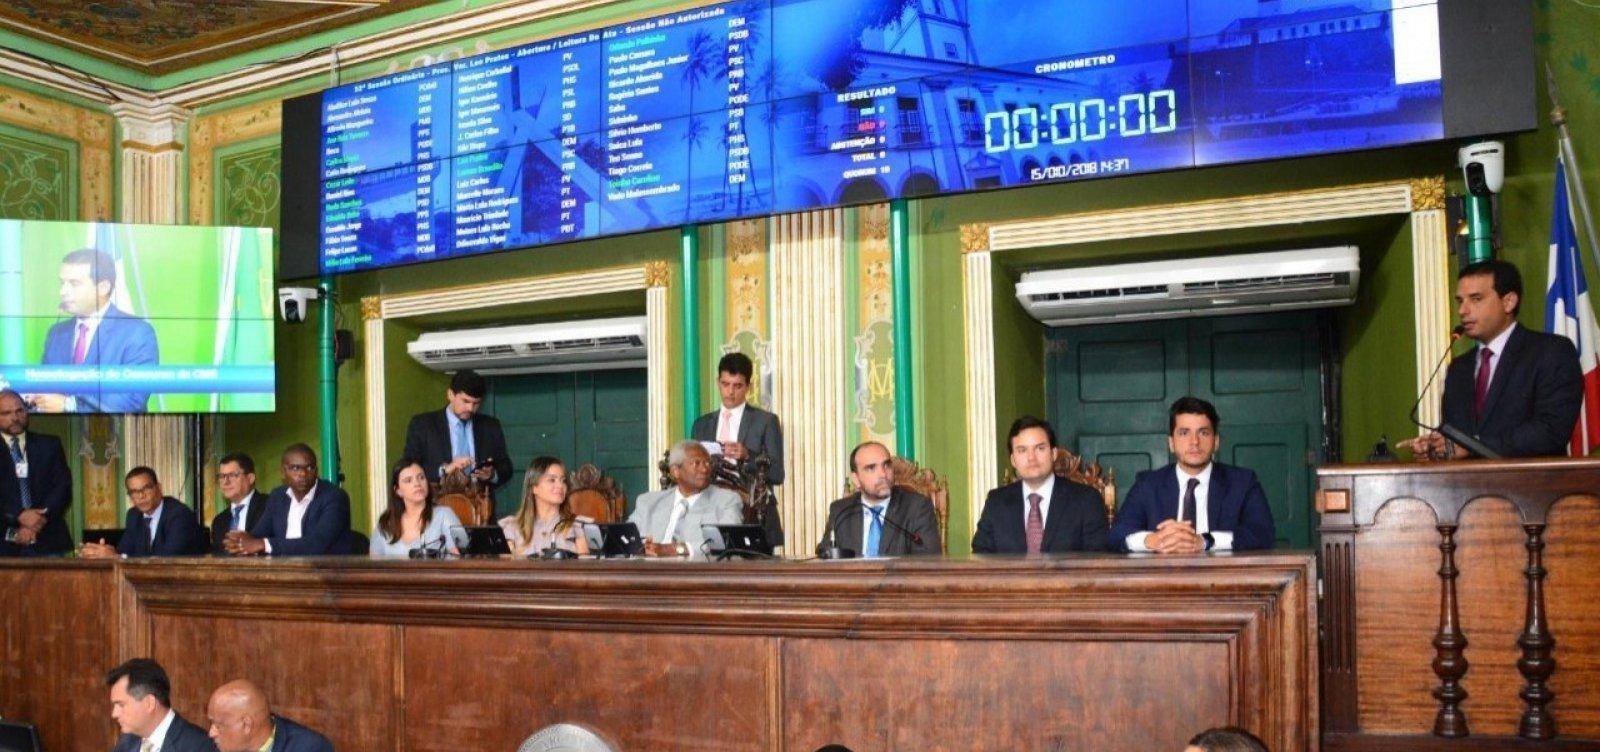 [TCM aprova contas da Câmara de Salvador e de mais 17 municípios]